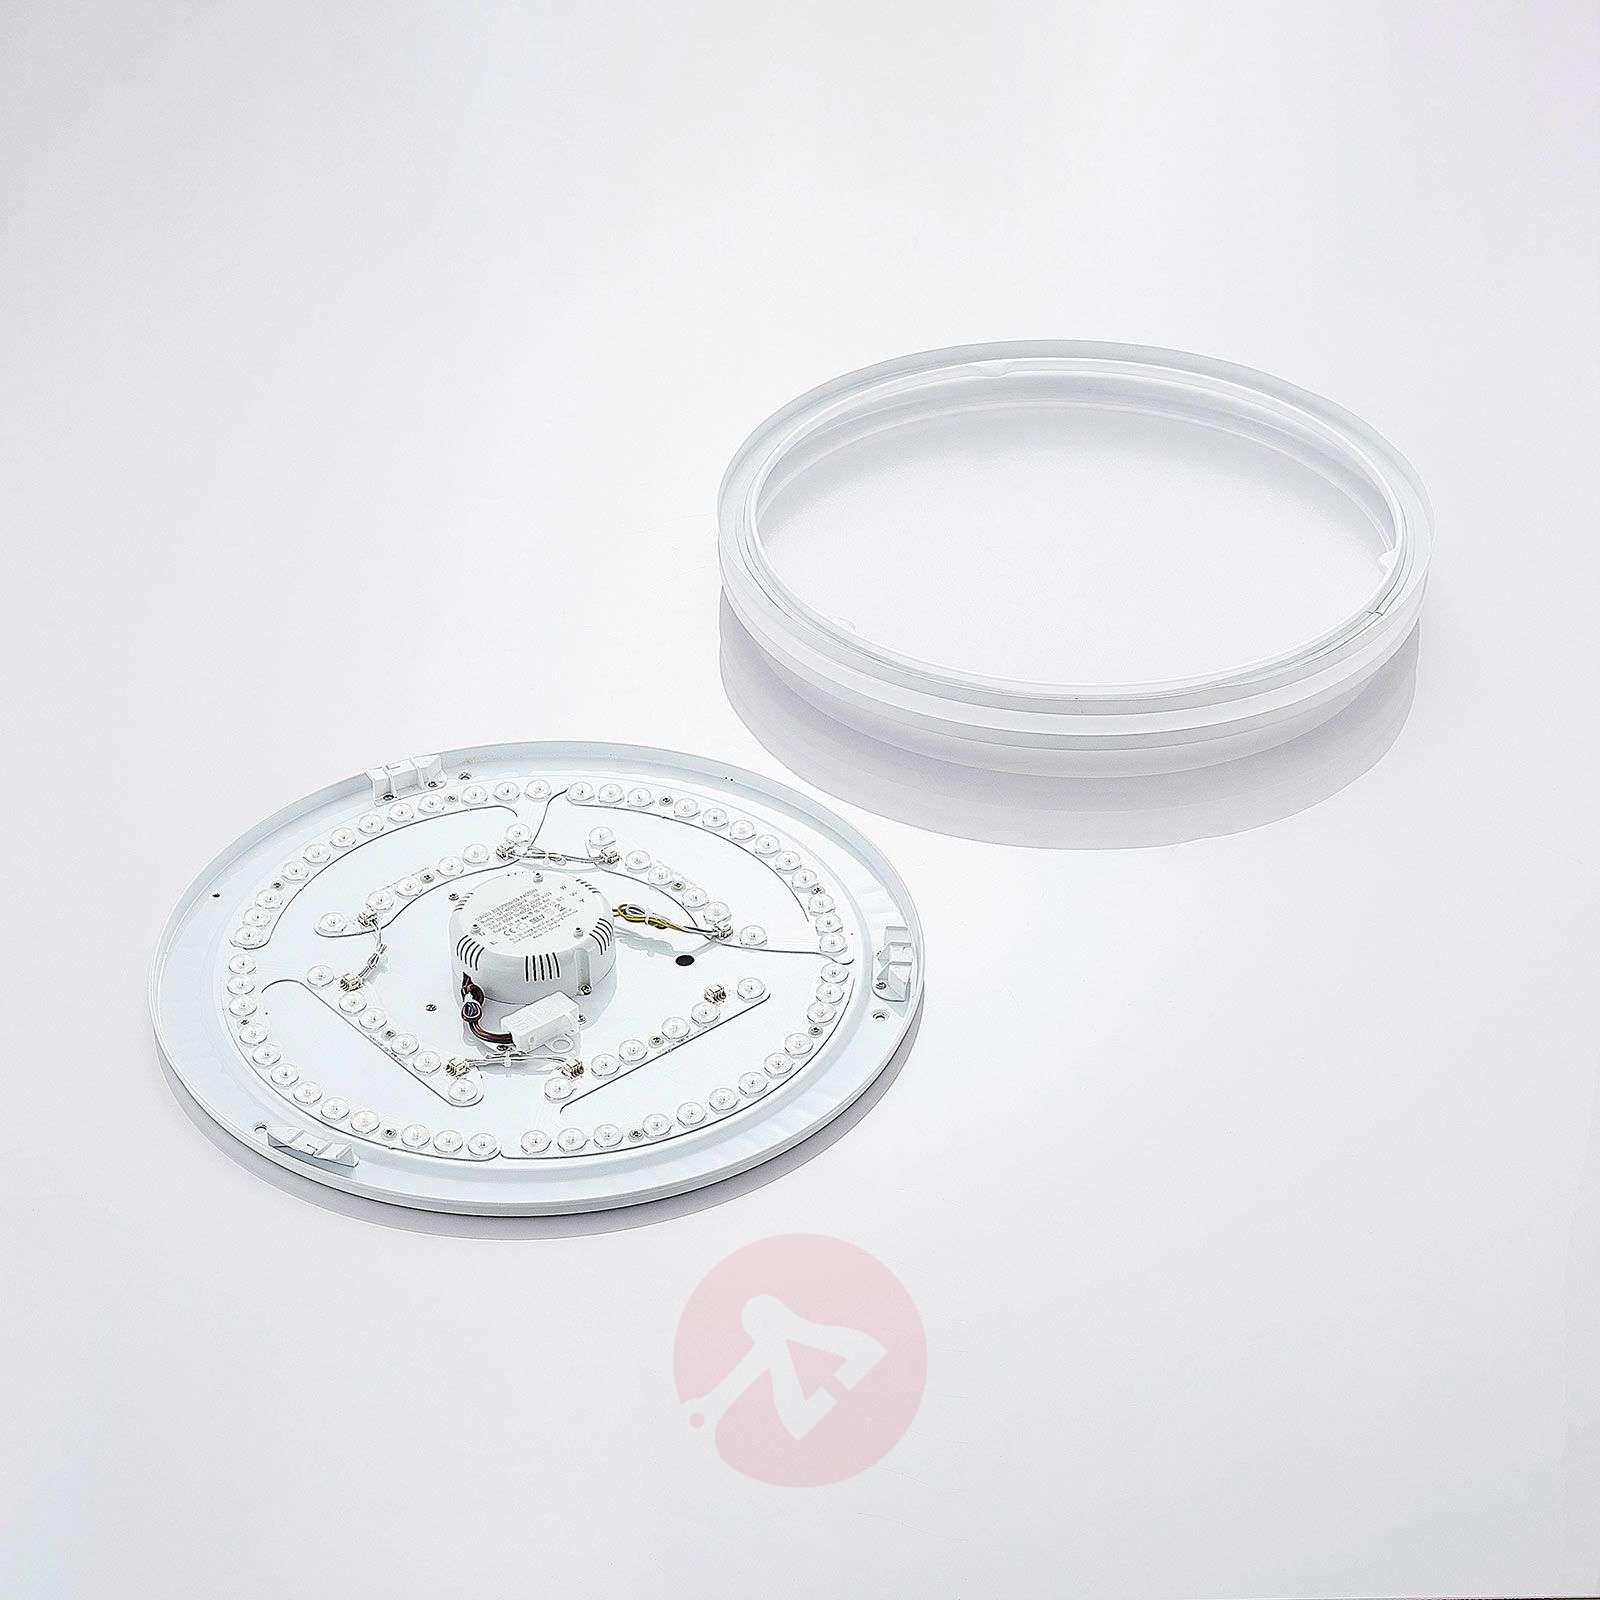 LED-kattovalaisin Arnim valkoisena, pyöreä muoto-4018182-01